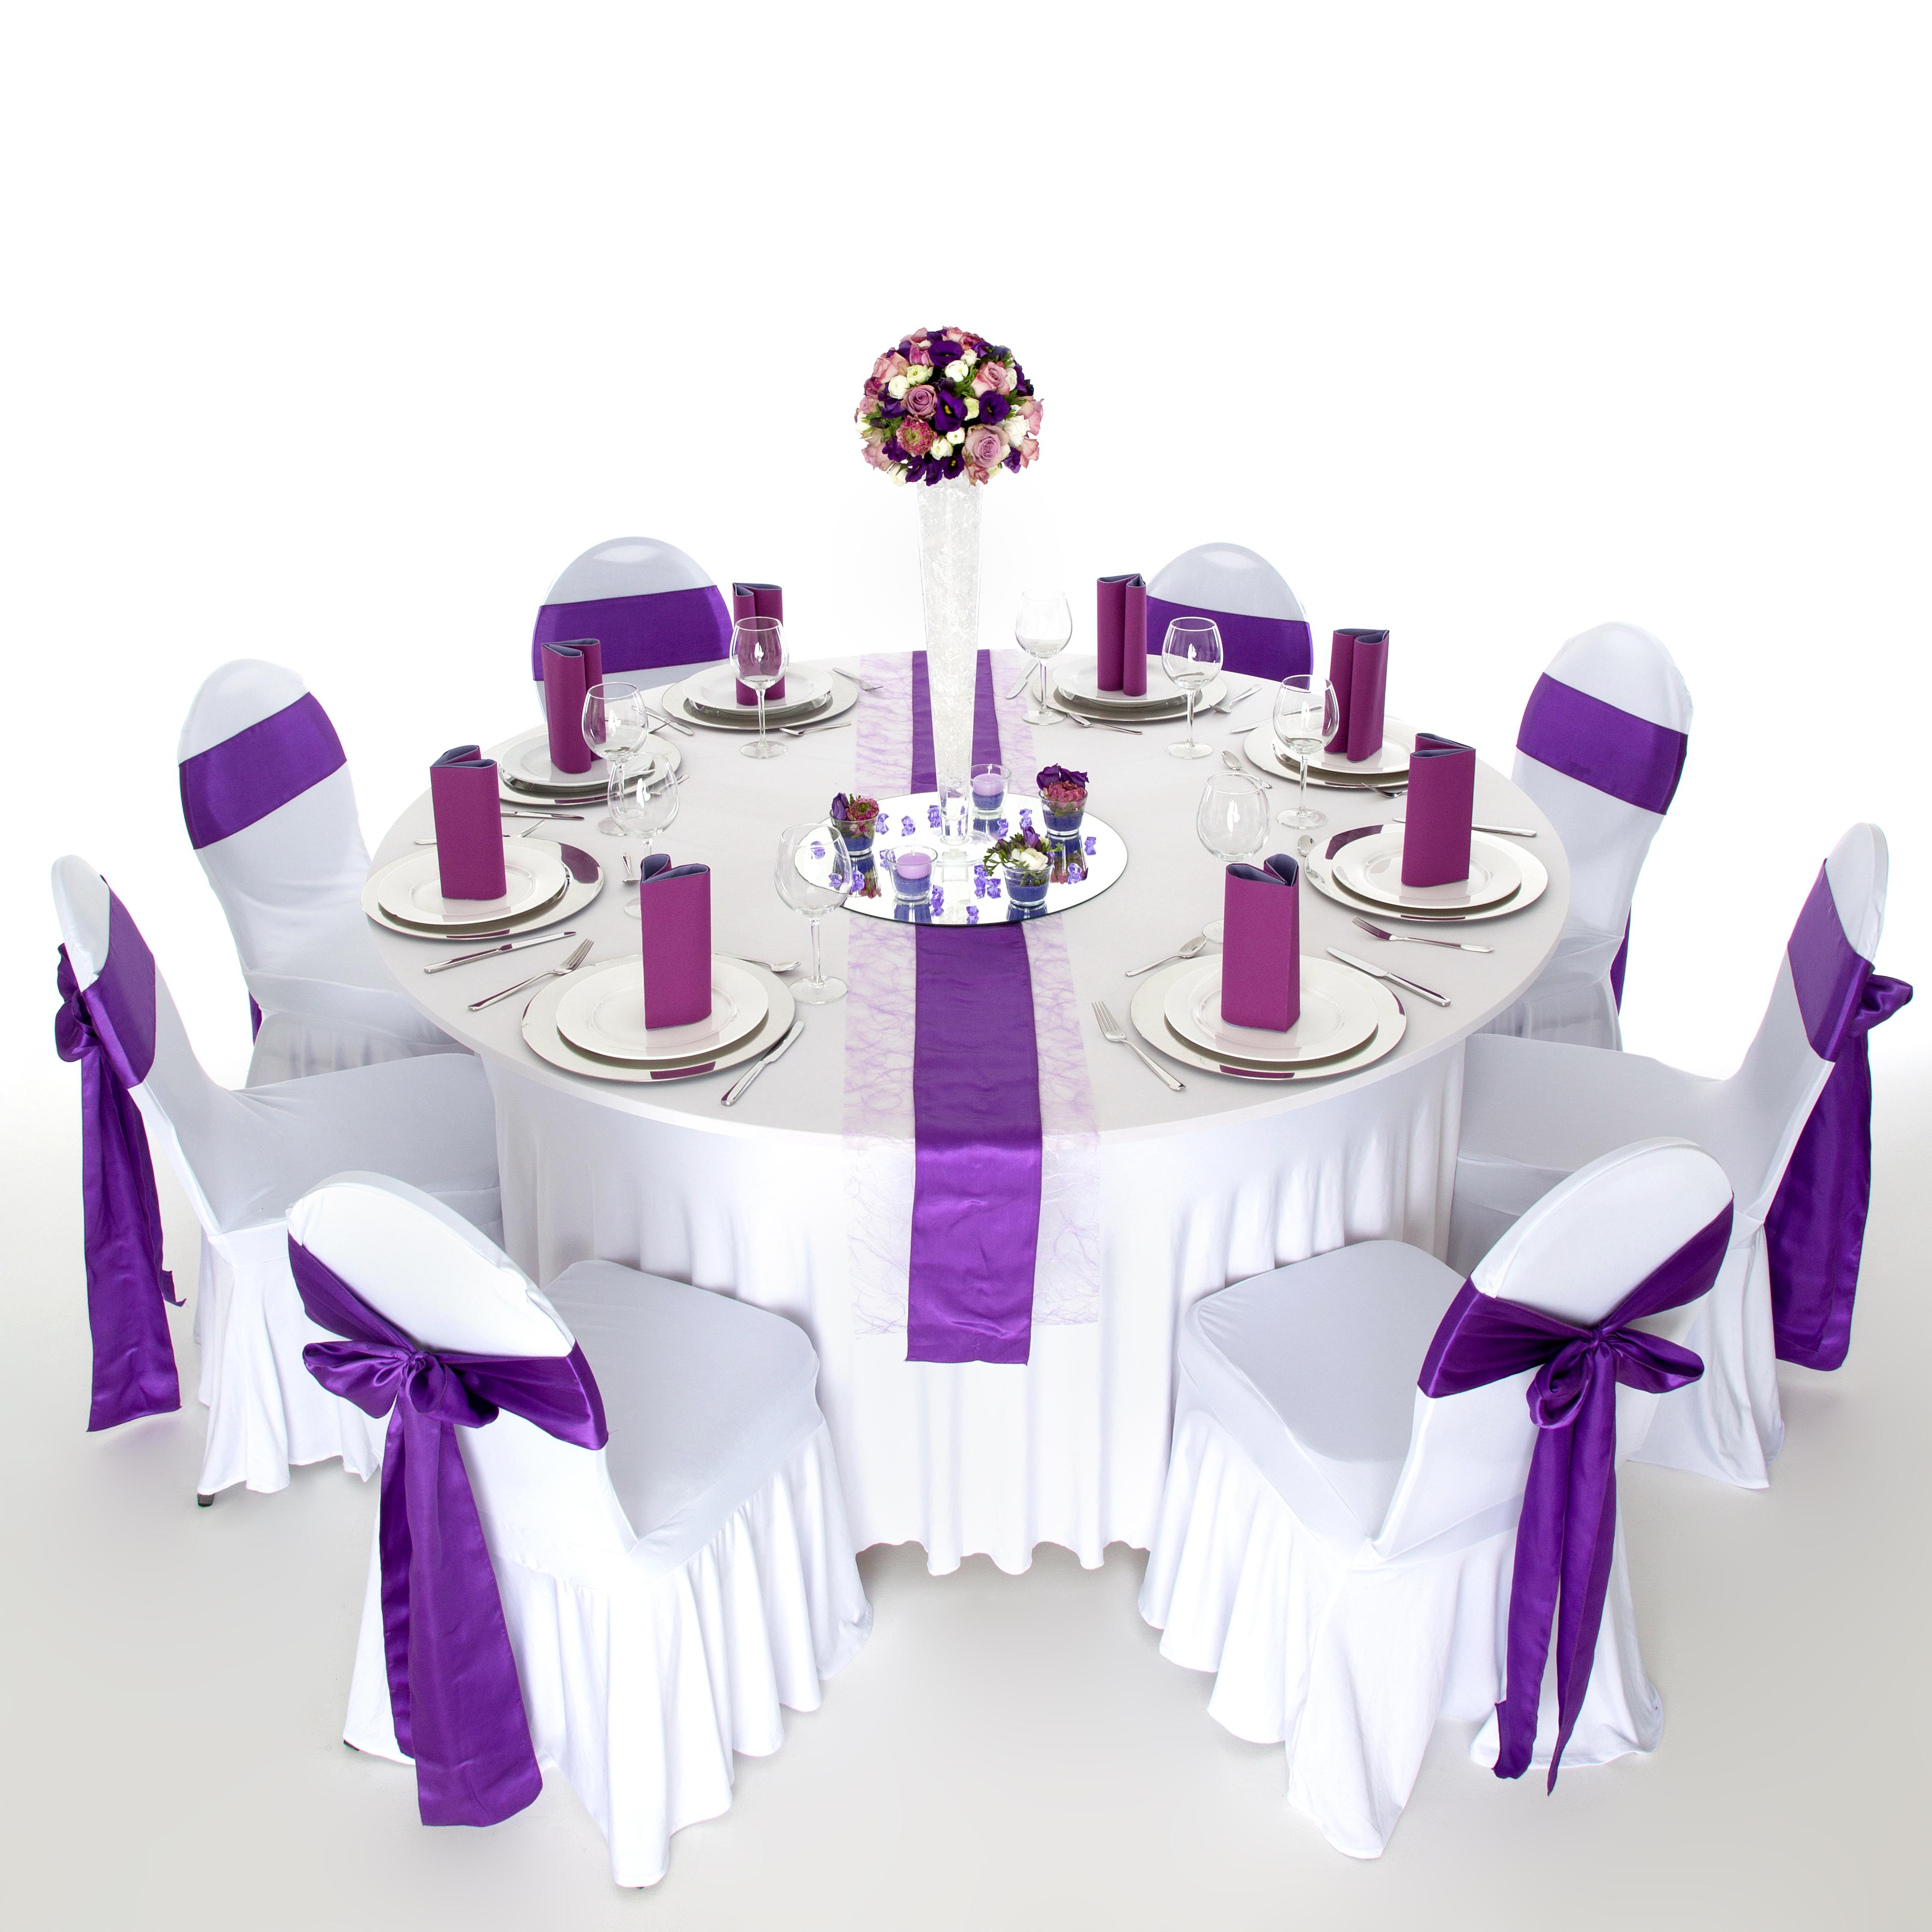 Stuhlhussen produkte verleih und dekoration for Verleih und dekoration